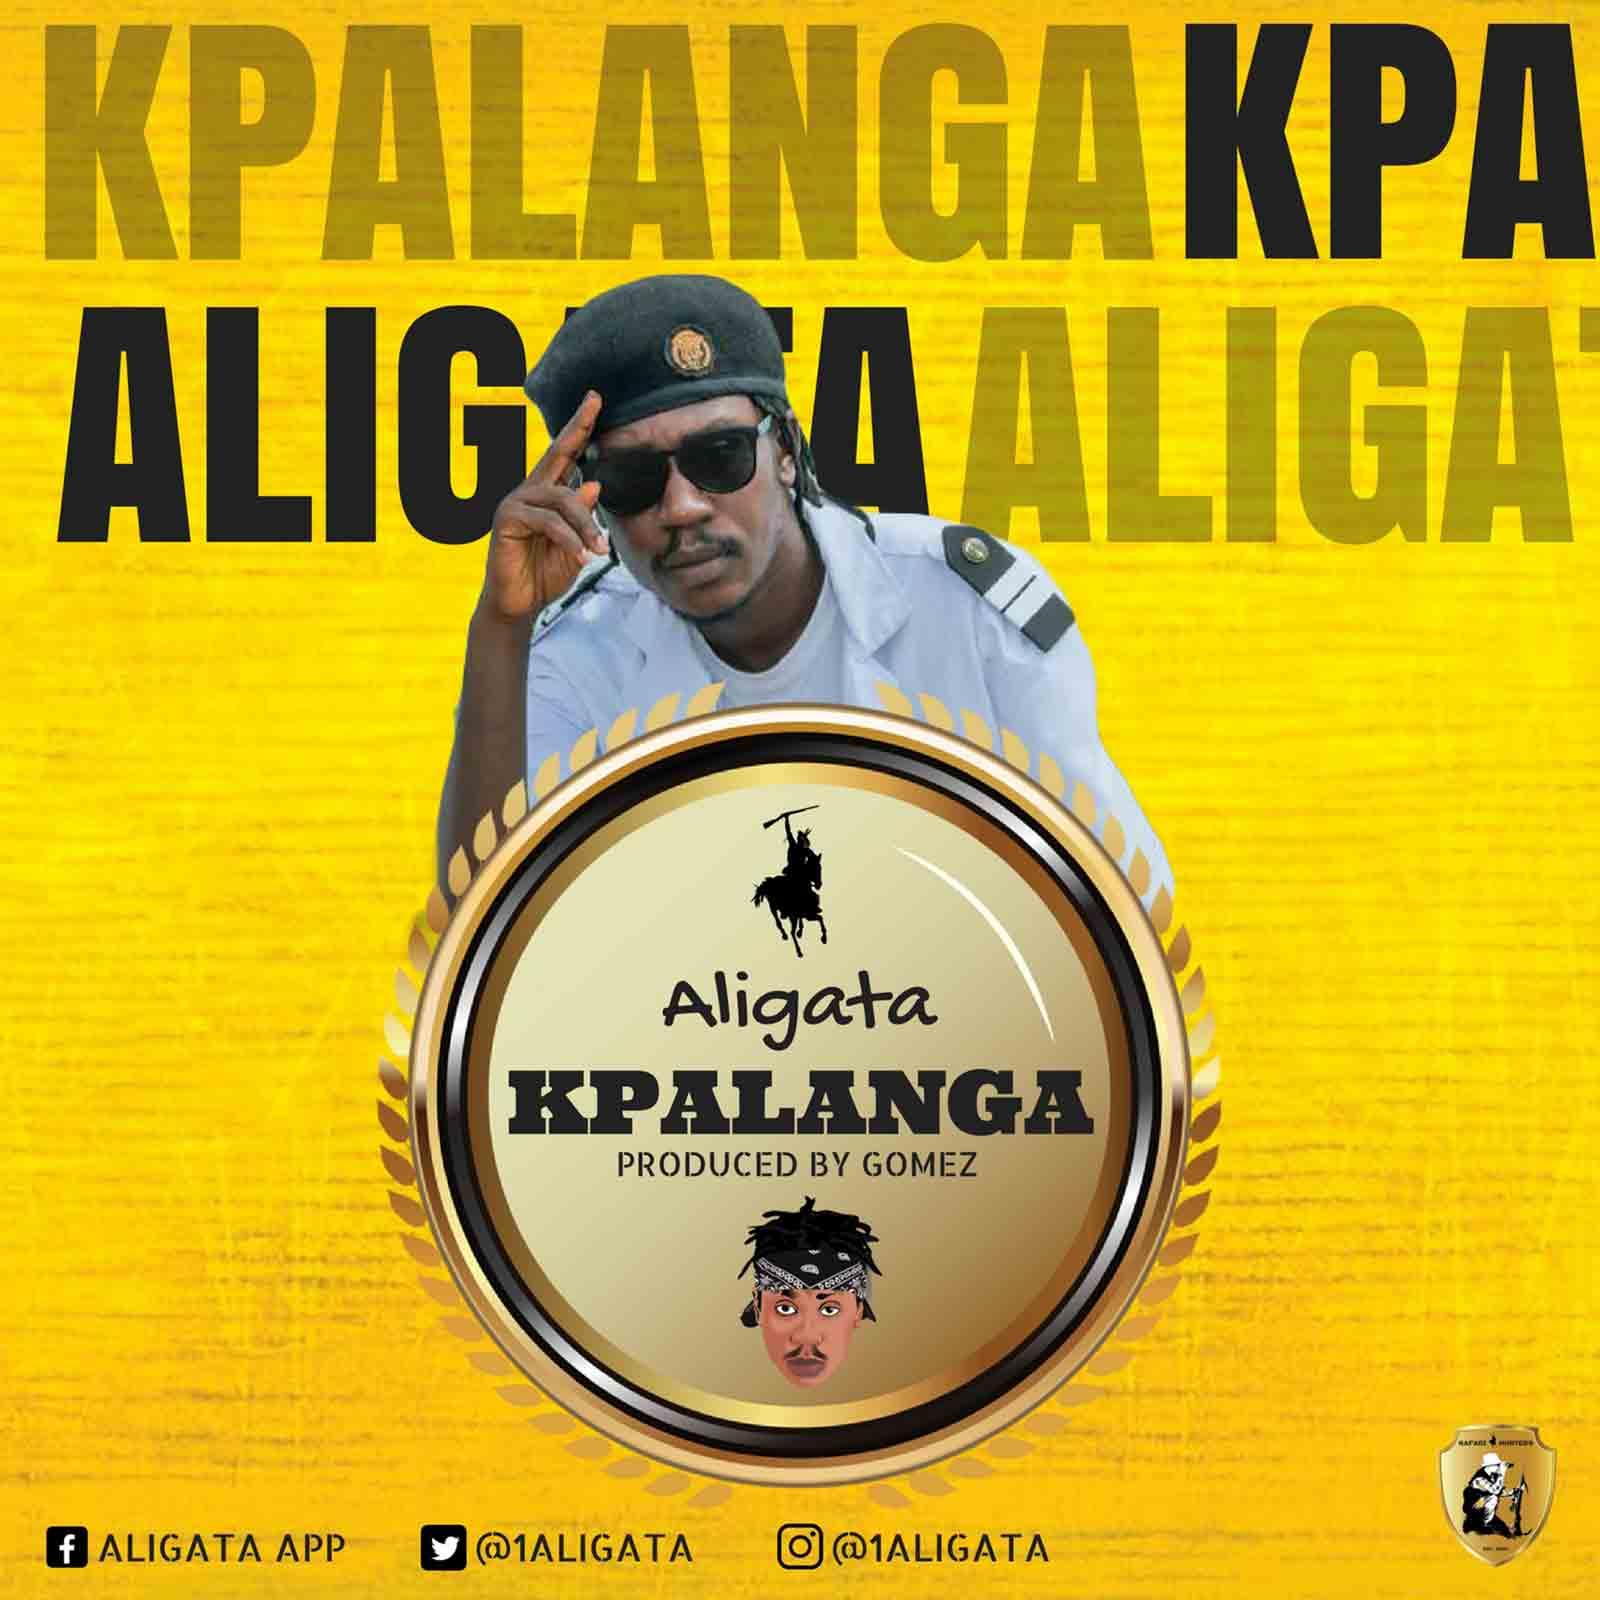 Kpalanga by Aligata